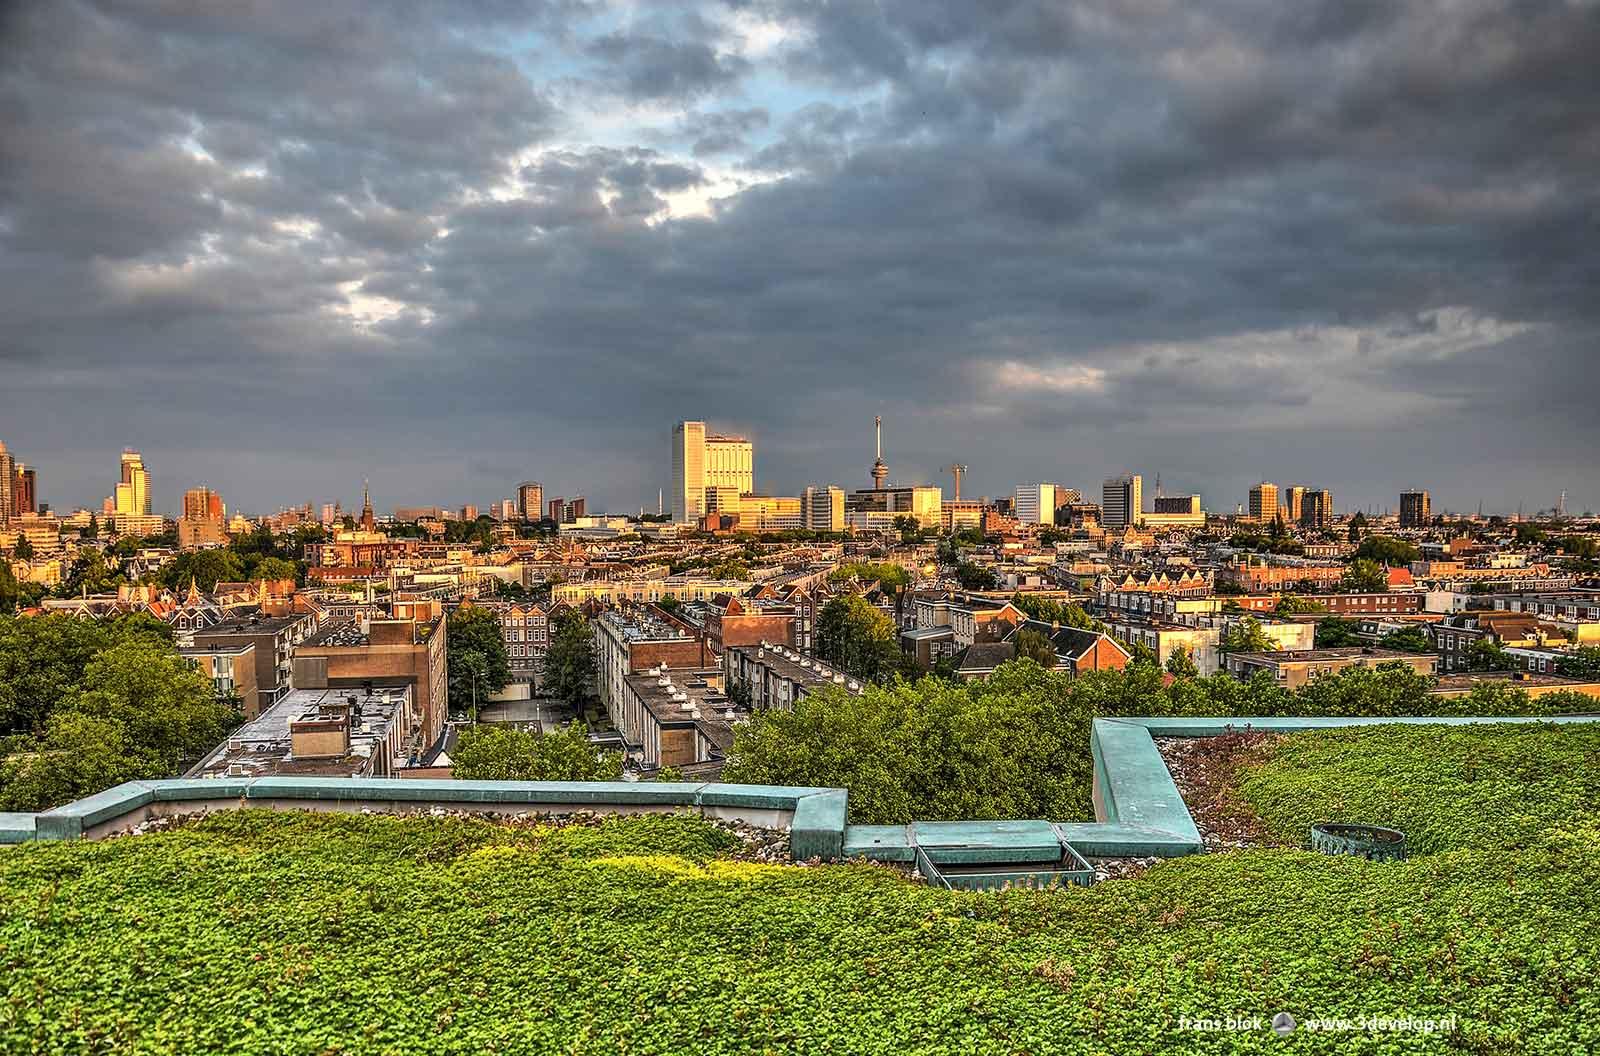 De Rotterdamse Skyline, met onder andere Erasmus MC en Euromast, vangt de laatste zonnestralen. Op de voorgrond sedumbegroeiing en dakrand van het Groothandelsgebouw